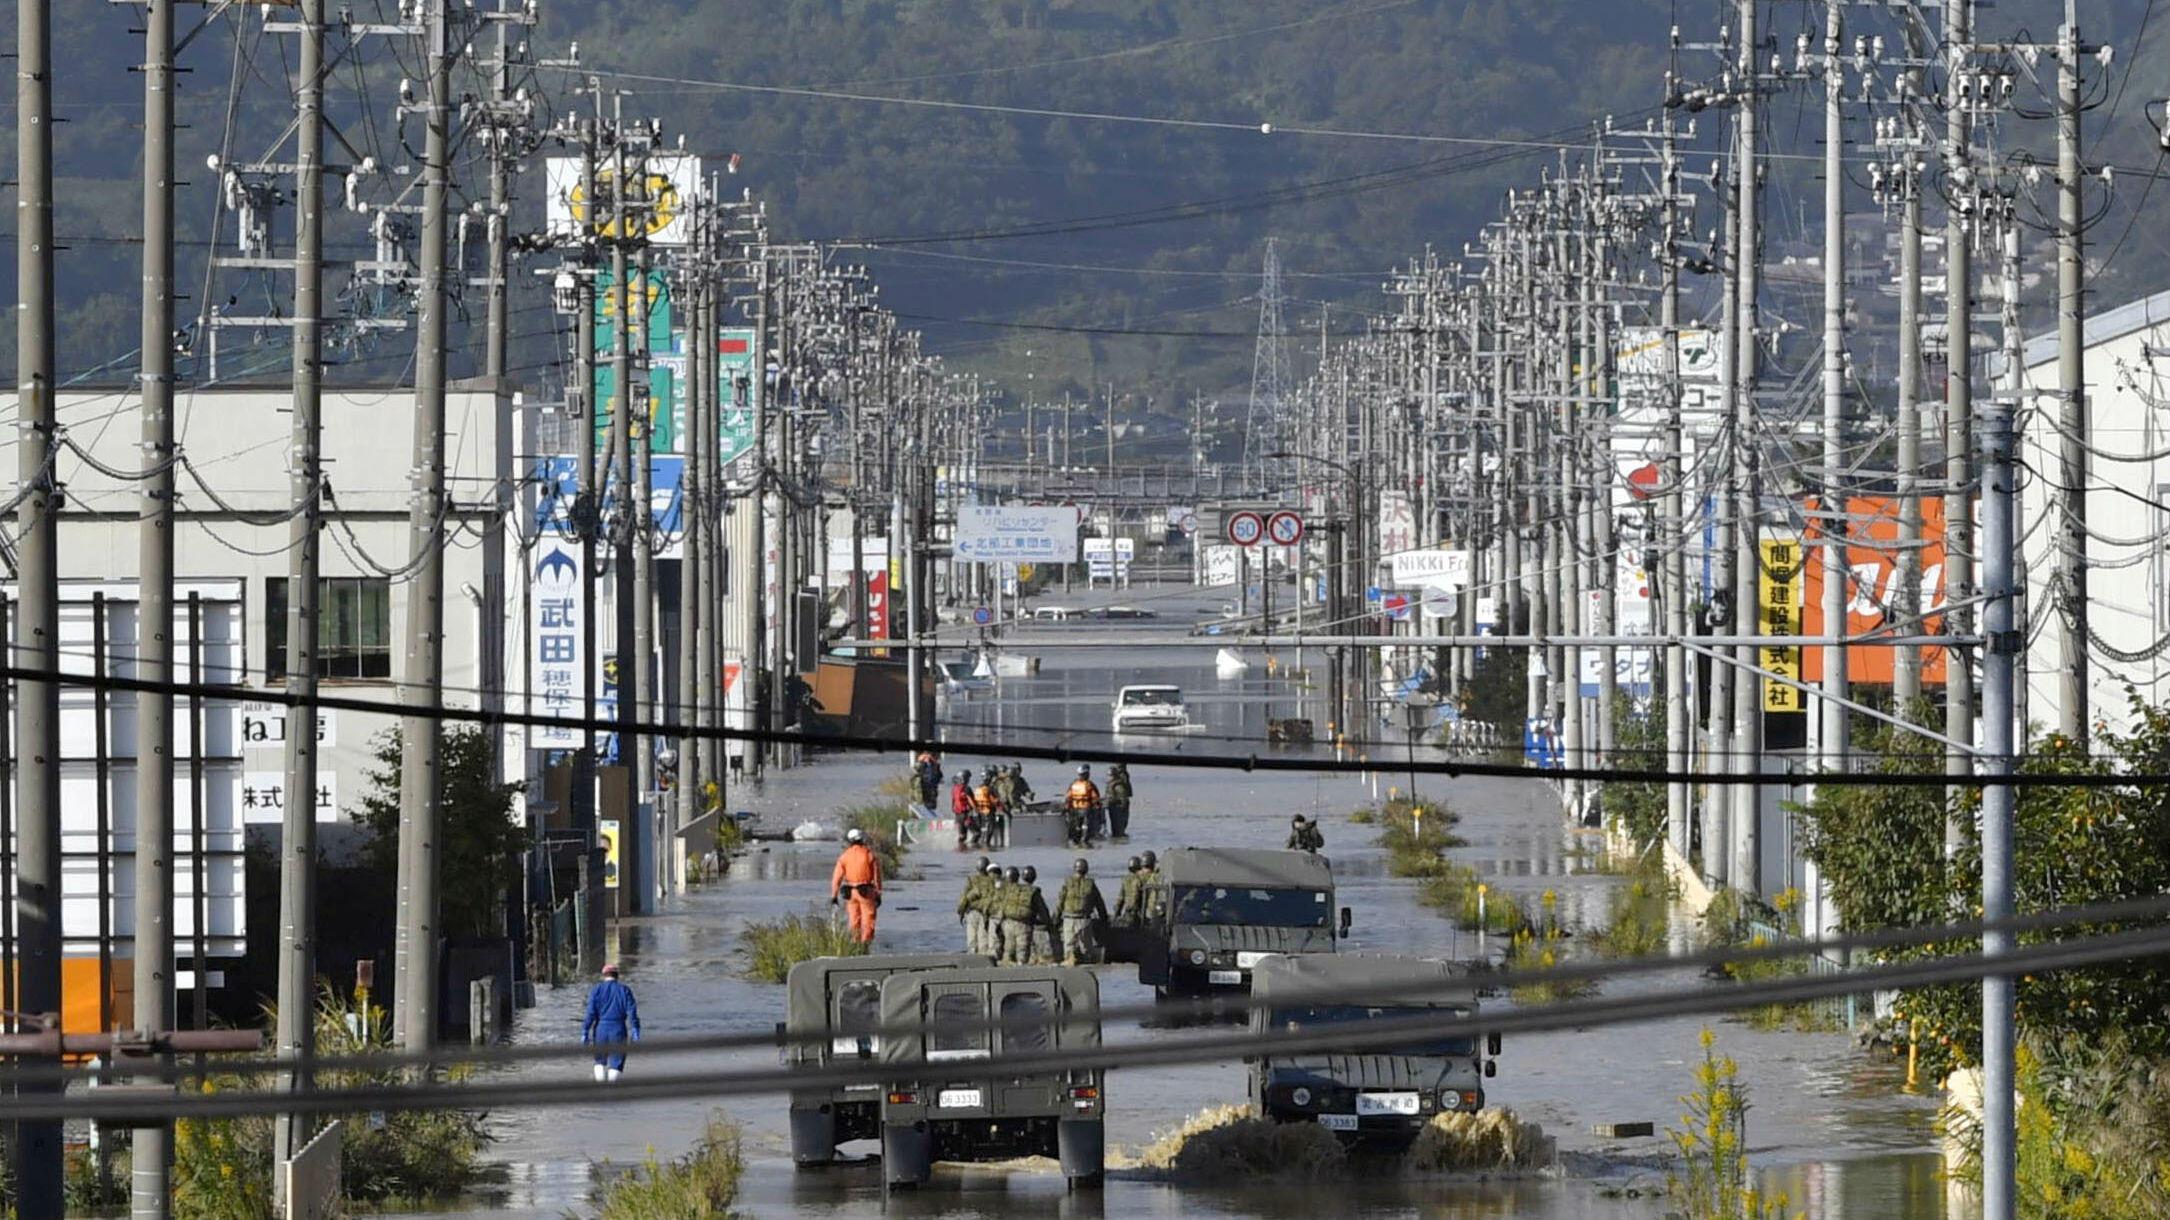 Una zona residencial inundada por el río Chikuma, causada por el tifón Hagibis, se ve en Nagano, Japón central , el 13 de octubre de 2019, en esta foto tomada por Kyodo.